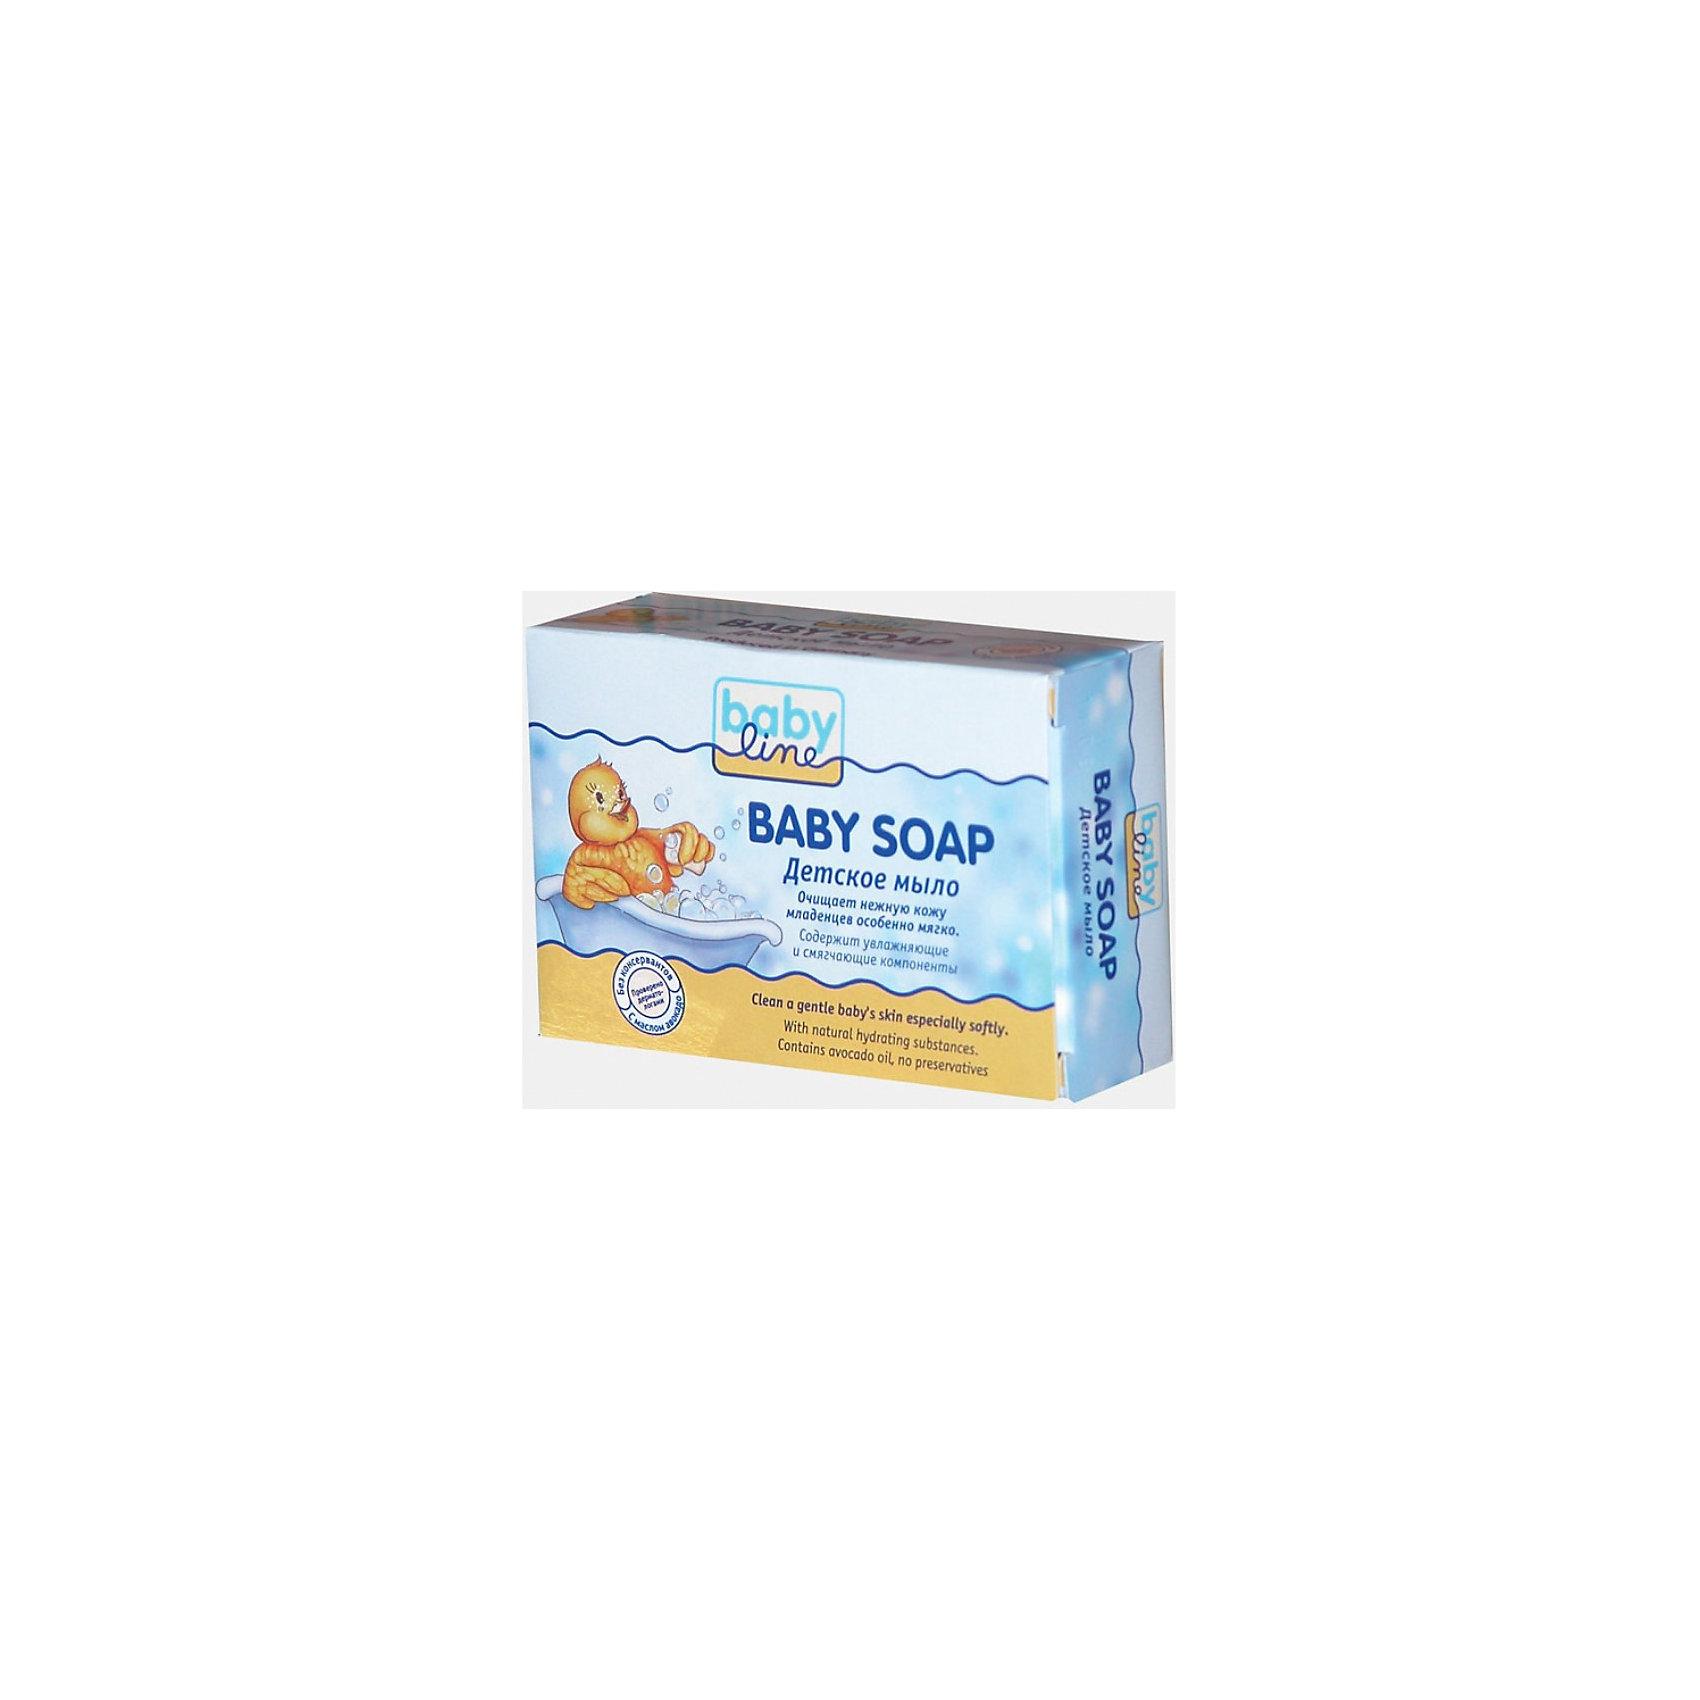 Детское мыло, BabyLine, 100 гКупание малыша<br>Детское мыло, BabyLine (БэйбиЛайн), прекрасно очищает нежную кожу младенцев деликатно и мягко. Содержит увлажняющие и смягчающие компоненты, которые сделают кожу Вашего крохи еще нежнее. Мыло дерматологически протестировано. Мягкие моющие вещества, входящие в состав мыла, тщательно очищают кожу, предохраняя её от высыпаний. Масло авокадо оказывает смягчающее и ранозаживляющее действие.<br>Купание - в удовольствие!<br><br>Дополнительная информация:<br><br>- не вызывает аллергии;<br>- содержит только чистые растительные компоненты;<br>- создает активную пену, но легко смывается;<br>- не содержит красителей;<br>- обладает приятным, не резким запахом;<br>- очень экономично расходуется;<br>- не сушит кожу рук;<br>- рекомендовано для нежной кожи новорожденных;<br>- вес: 100г.<br><br>Нежная и чистая кожа каждый день!<br><br>Детское мыло, BabyLine, 100 г Вы можете купить в нашем интернет-магазине.<br><br>Ширина мм: 90<br>Глубина мм: 30<br>Высота мм: 62<br>Вес г: 110<br>Возраст от месяцев: 0<br>Возраст до месяцев: 48<br>Пол: Унисекс<br>Возраст: Детский<br>SKU: 3531102